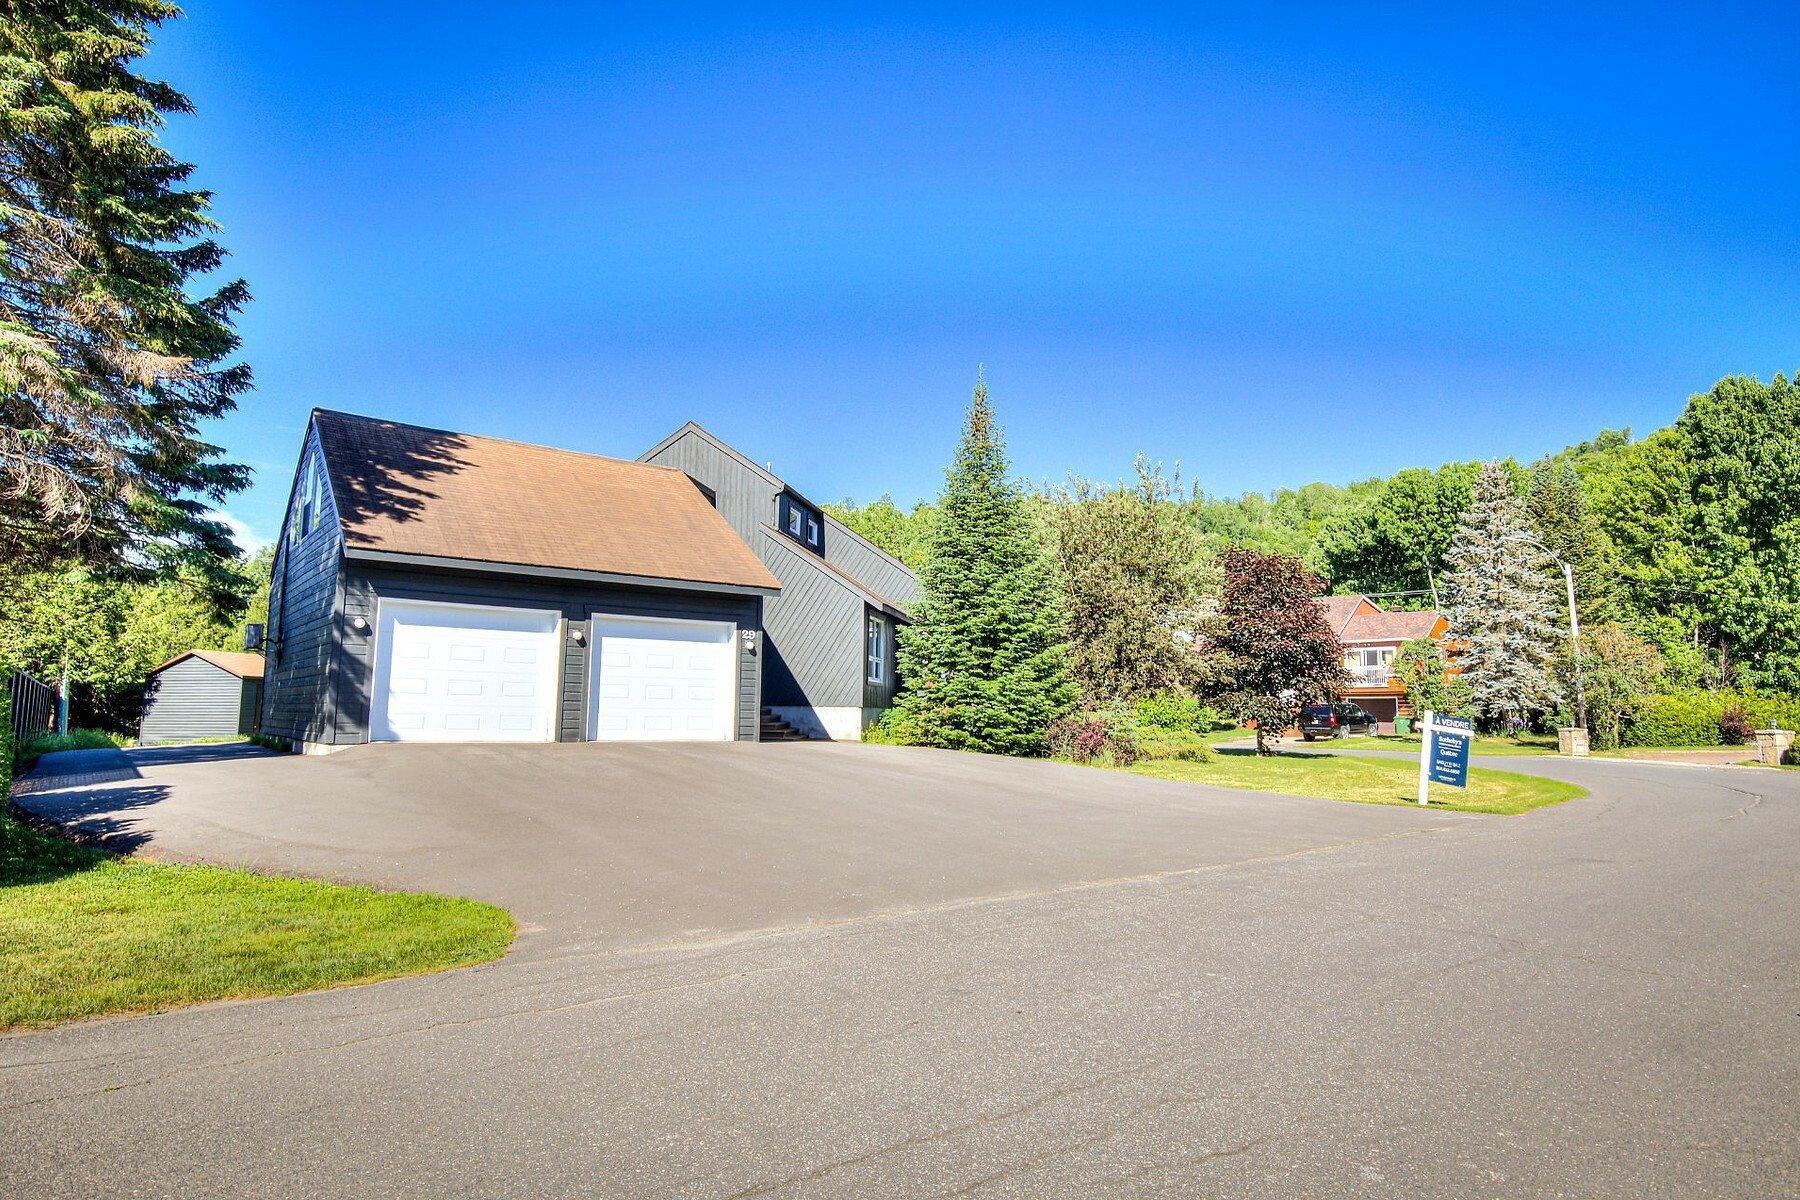 House in Saint-Sauveur, Quebec, Canada 1